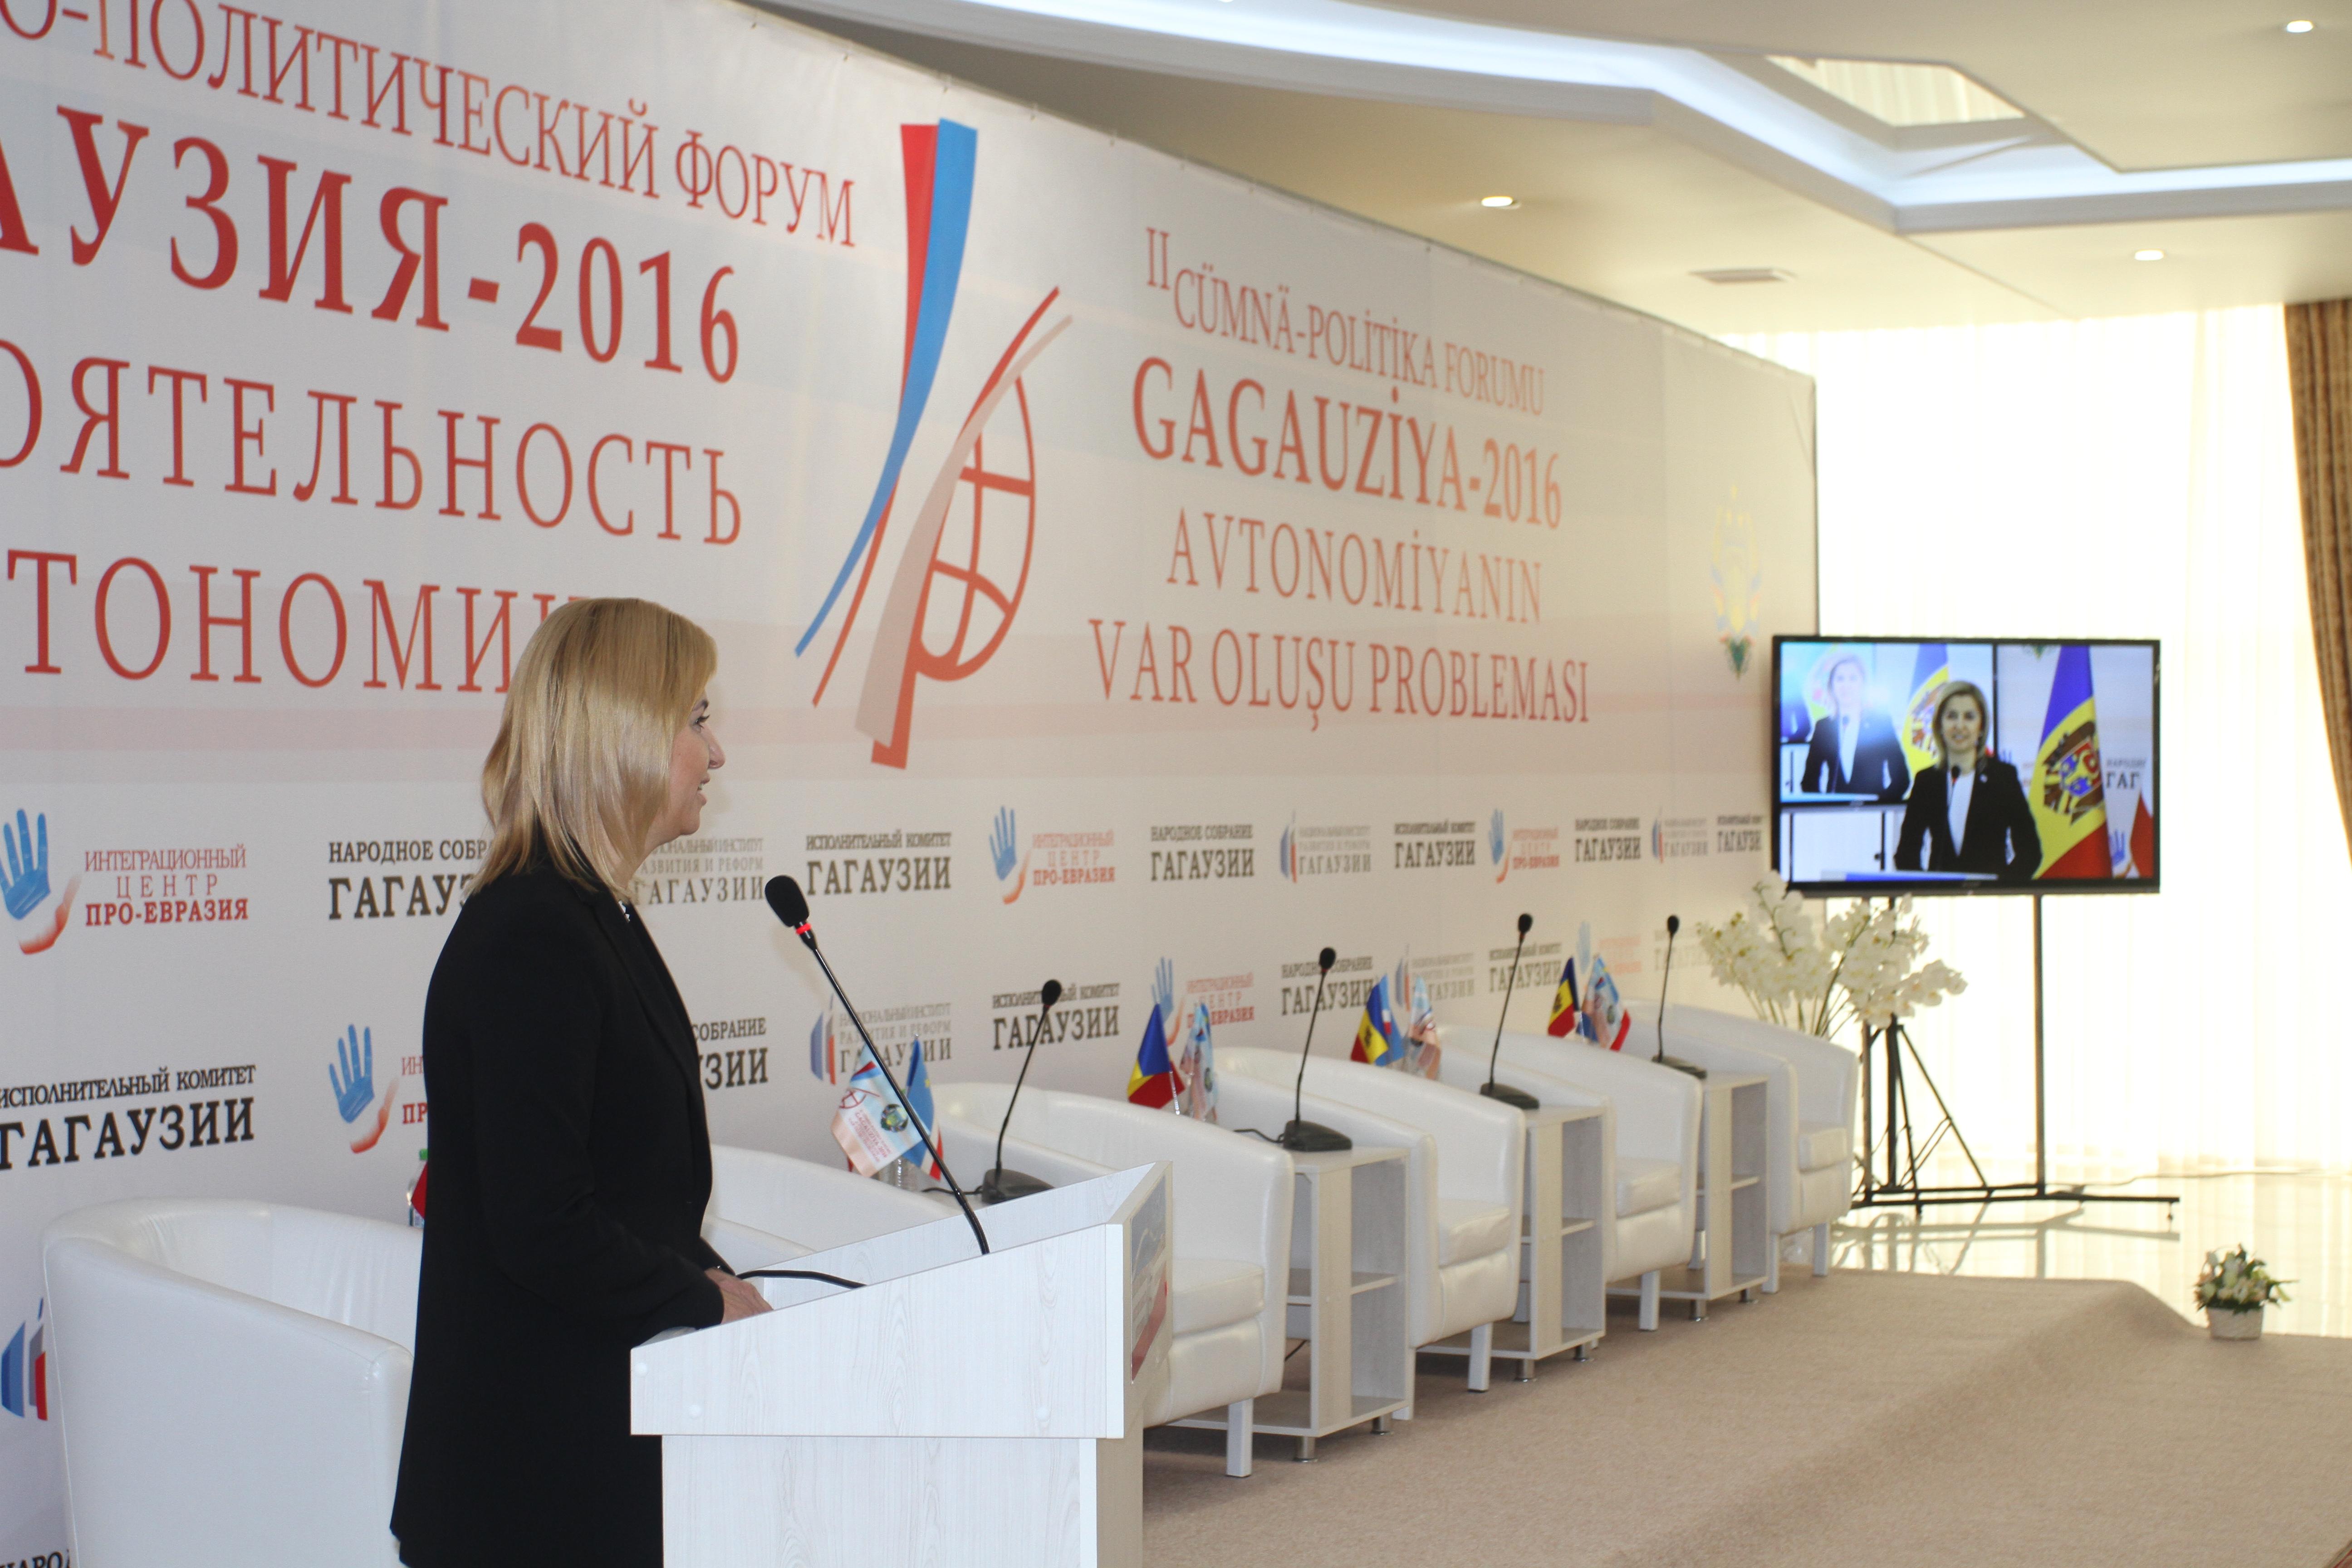 Ирина Влах: Гагаузы являются якорем государственности Молдовы (Видео)